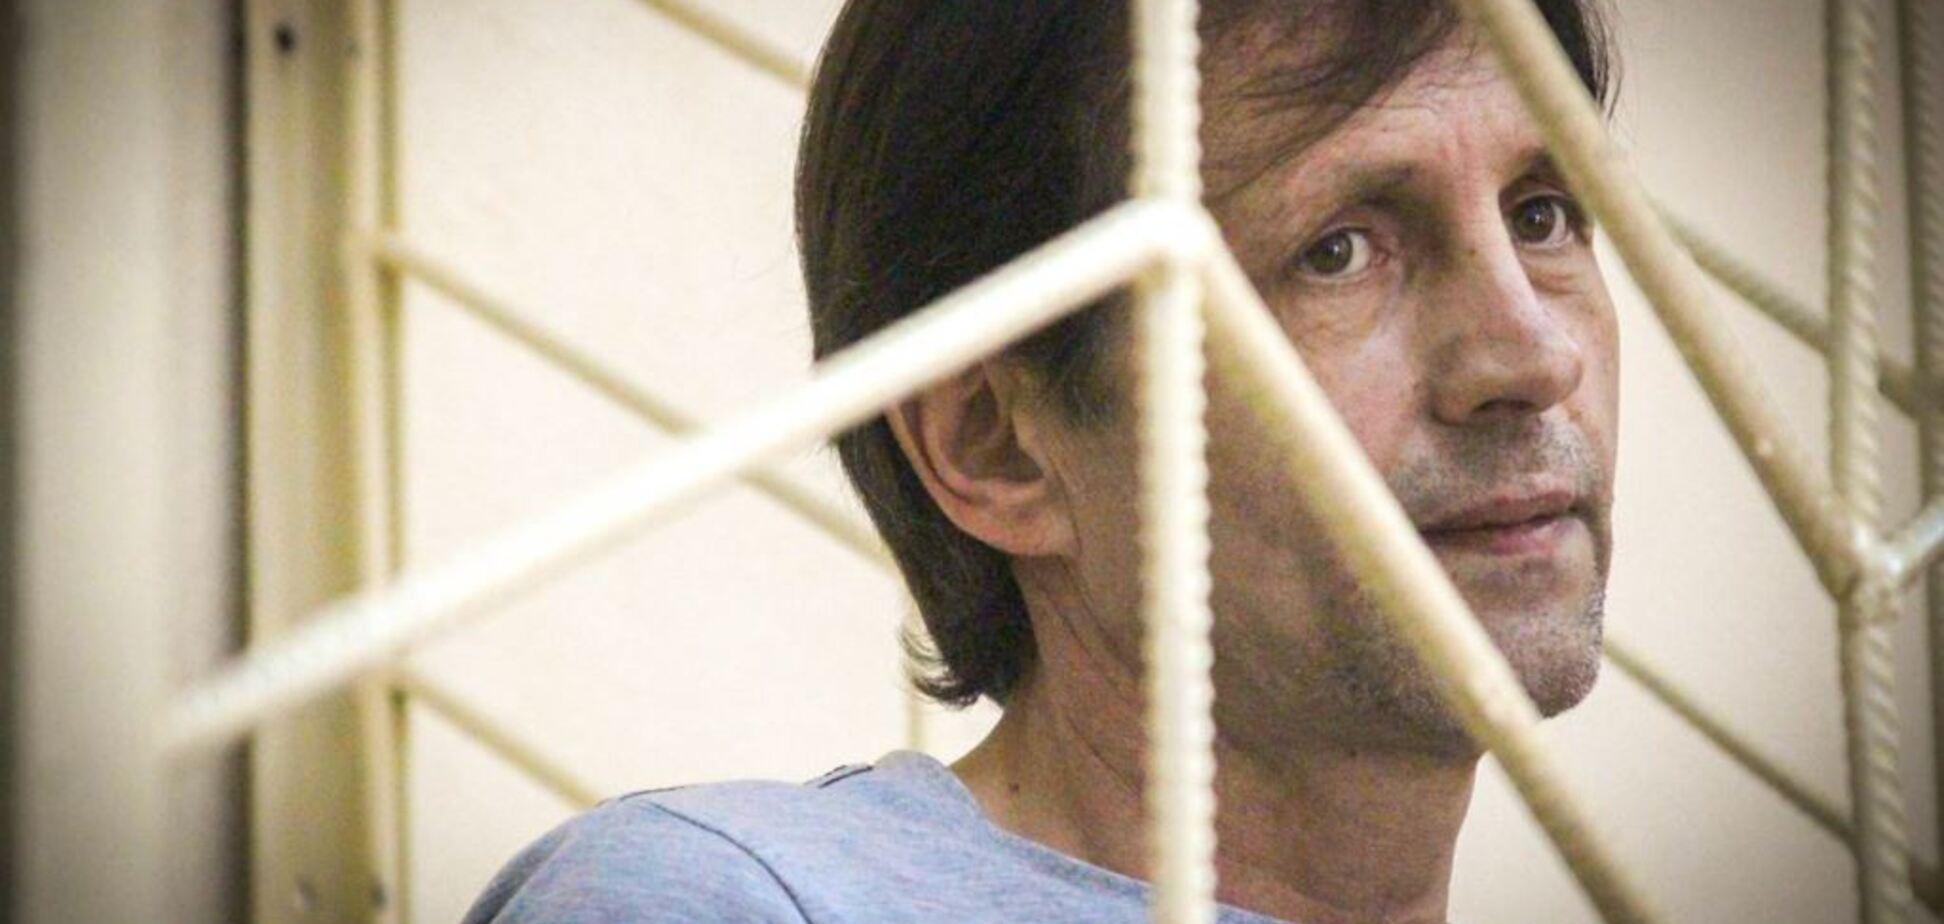 Одні кістки: з'явилися тривожні подробиці про голодуючого в'язня Кремля